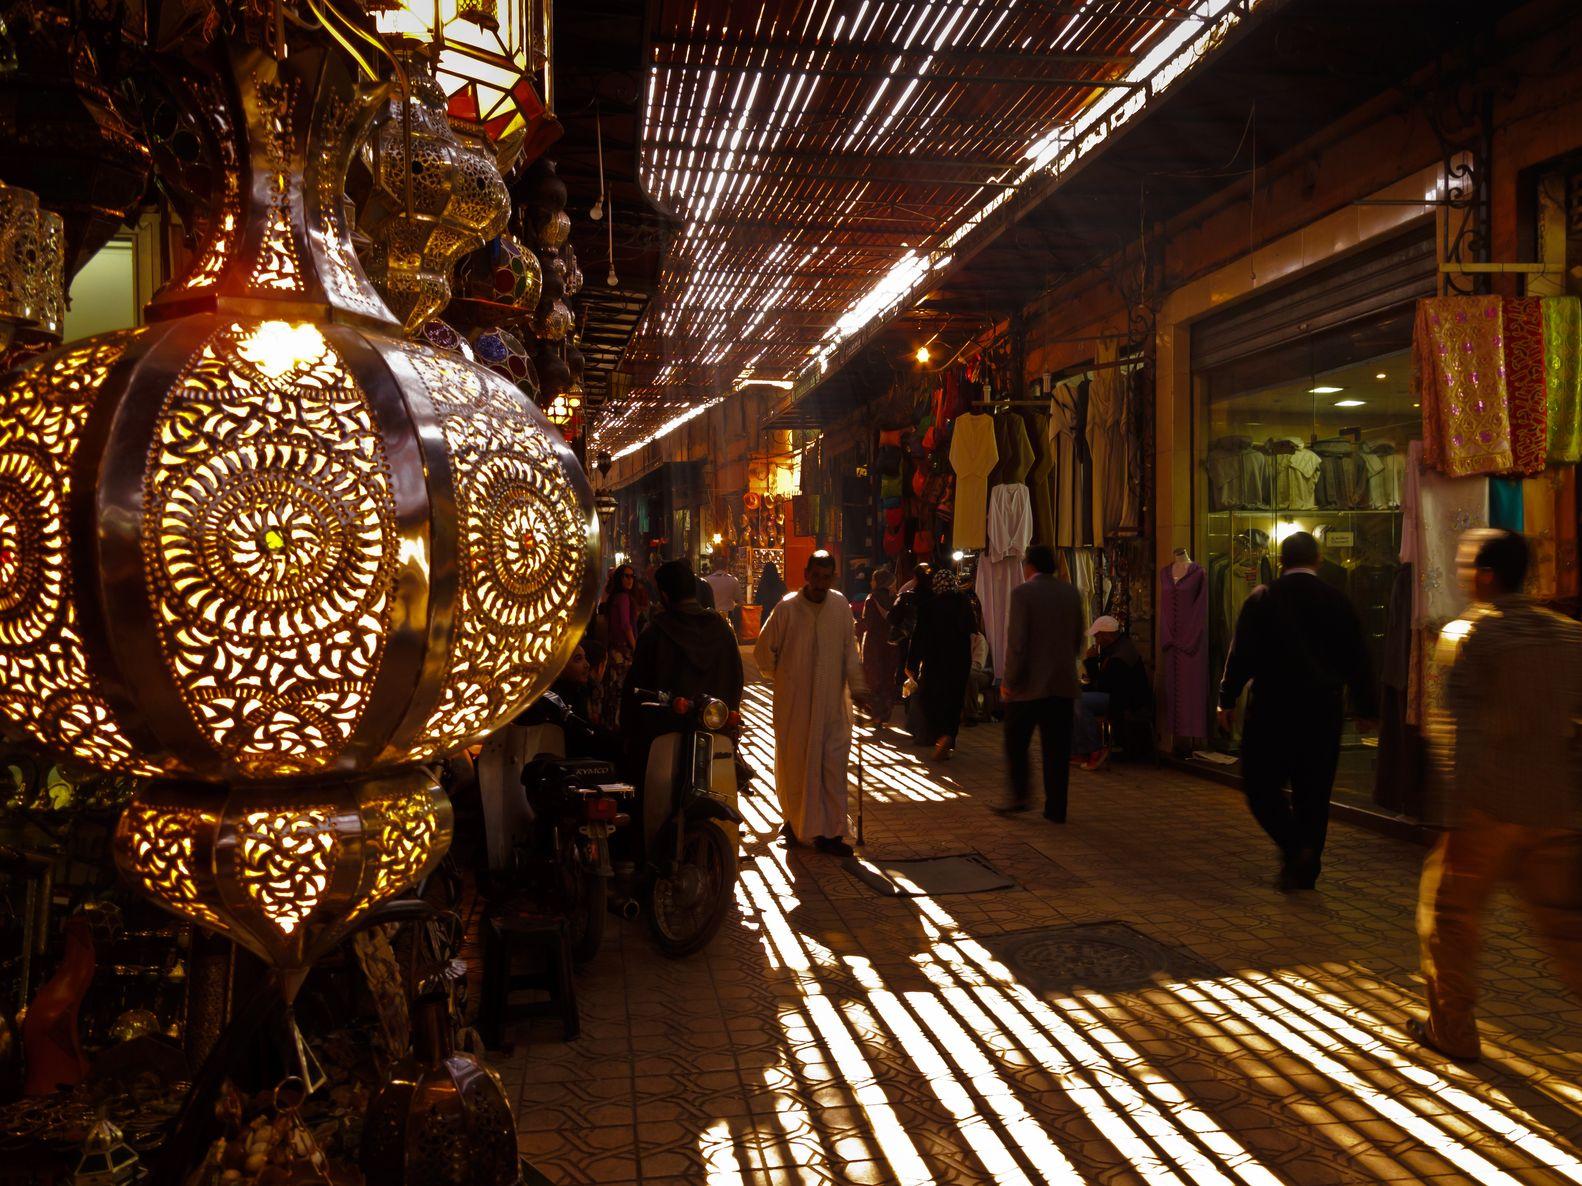 Travel-Themed Interiors: World Traveller #2